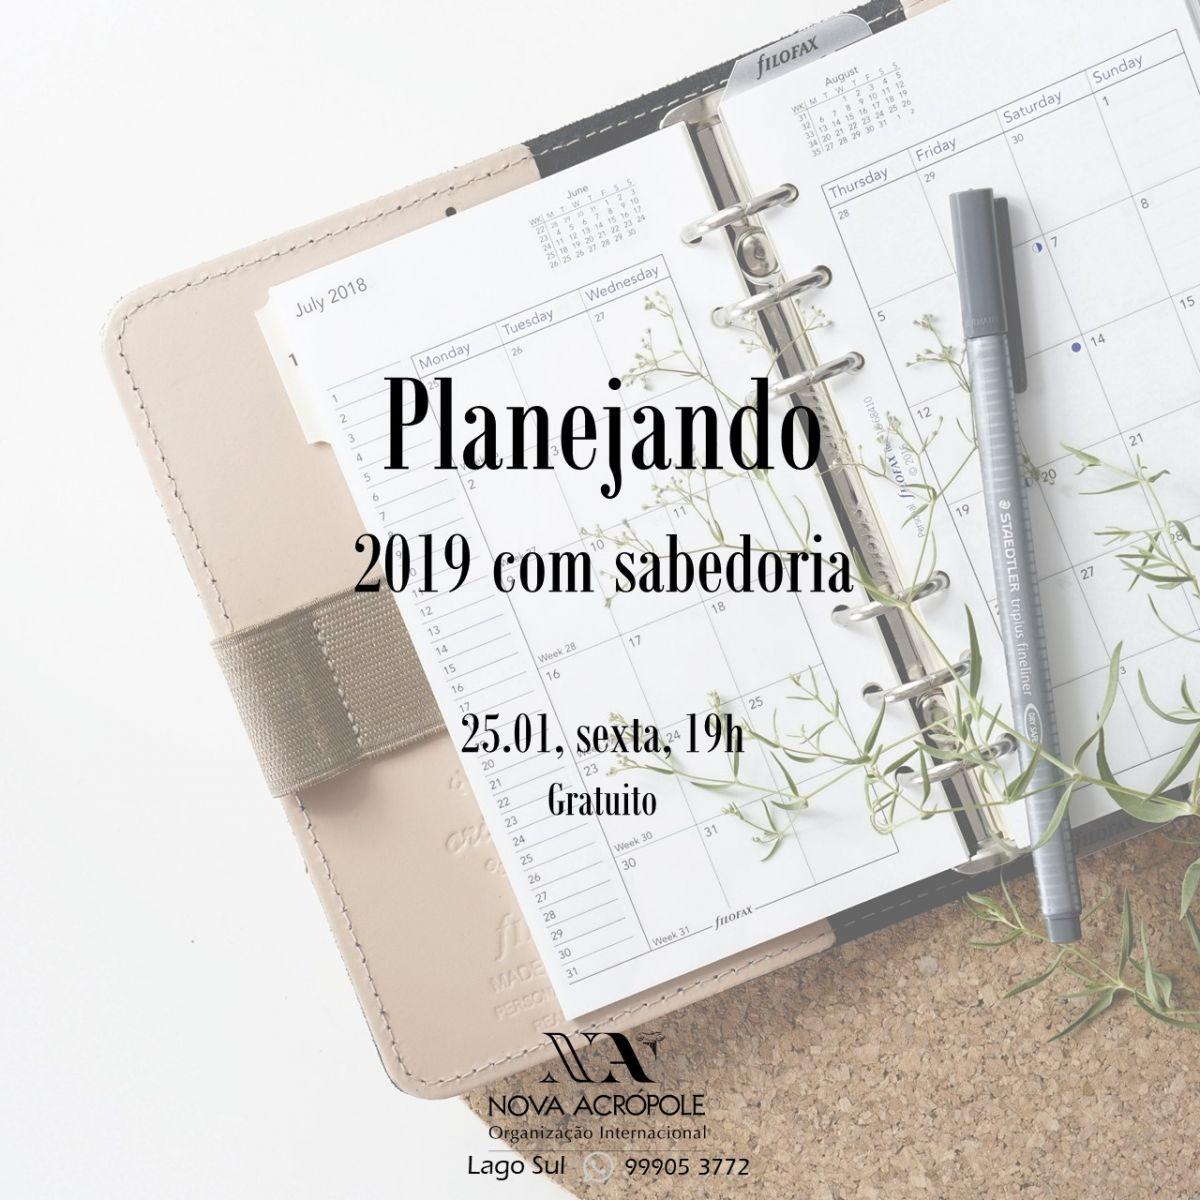 Planejando 2019 com sabedoria